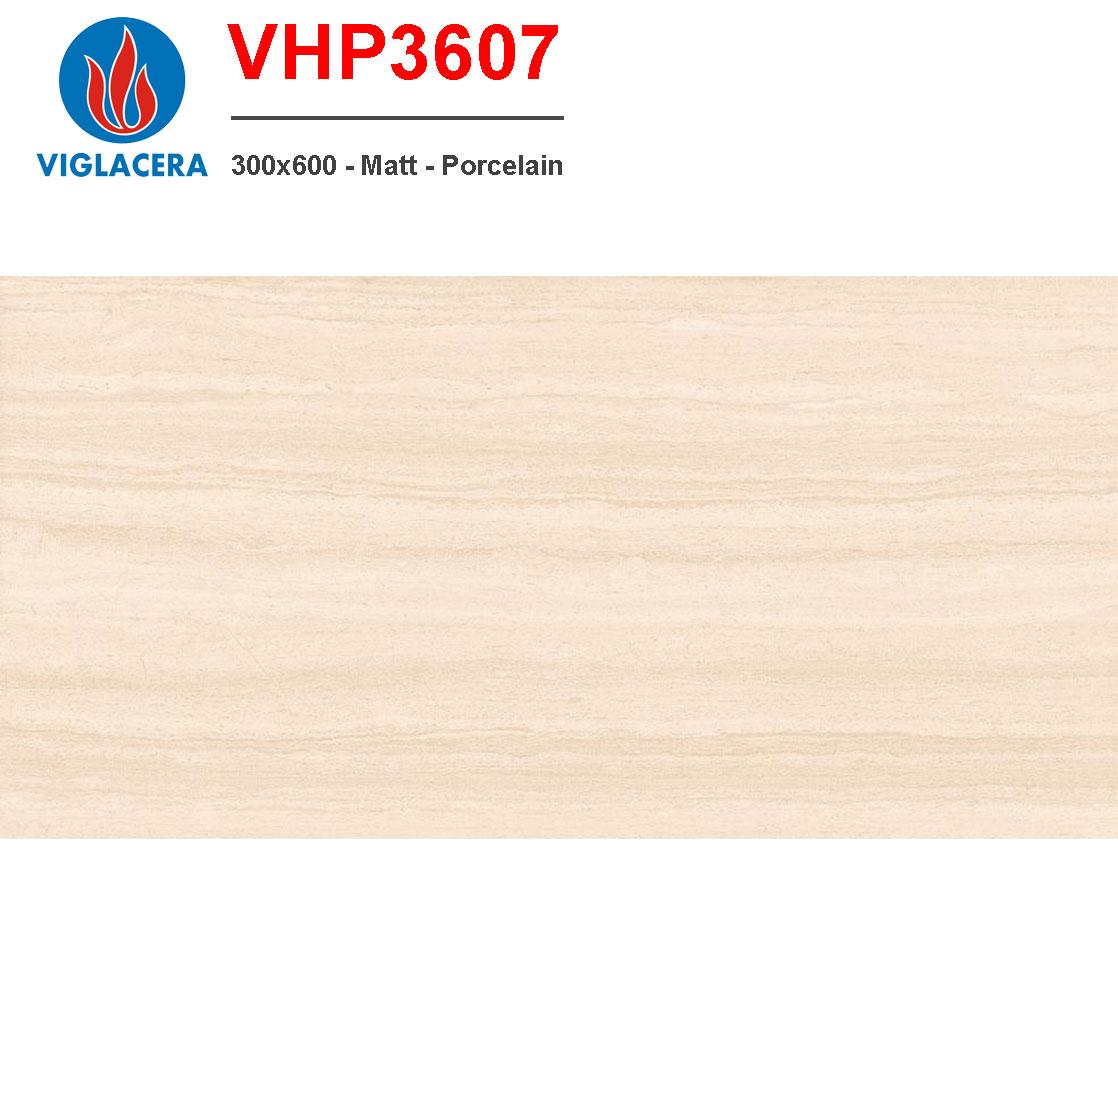 Gạch ốp tường Viglacera VHP3607 giá rẻ